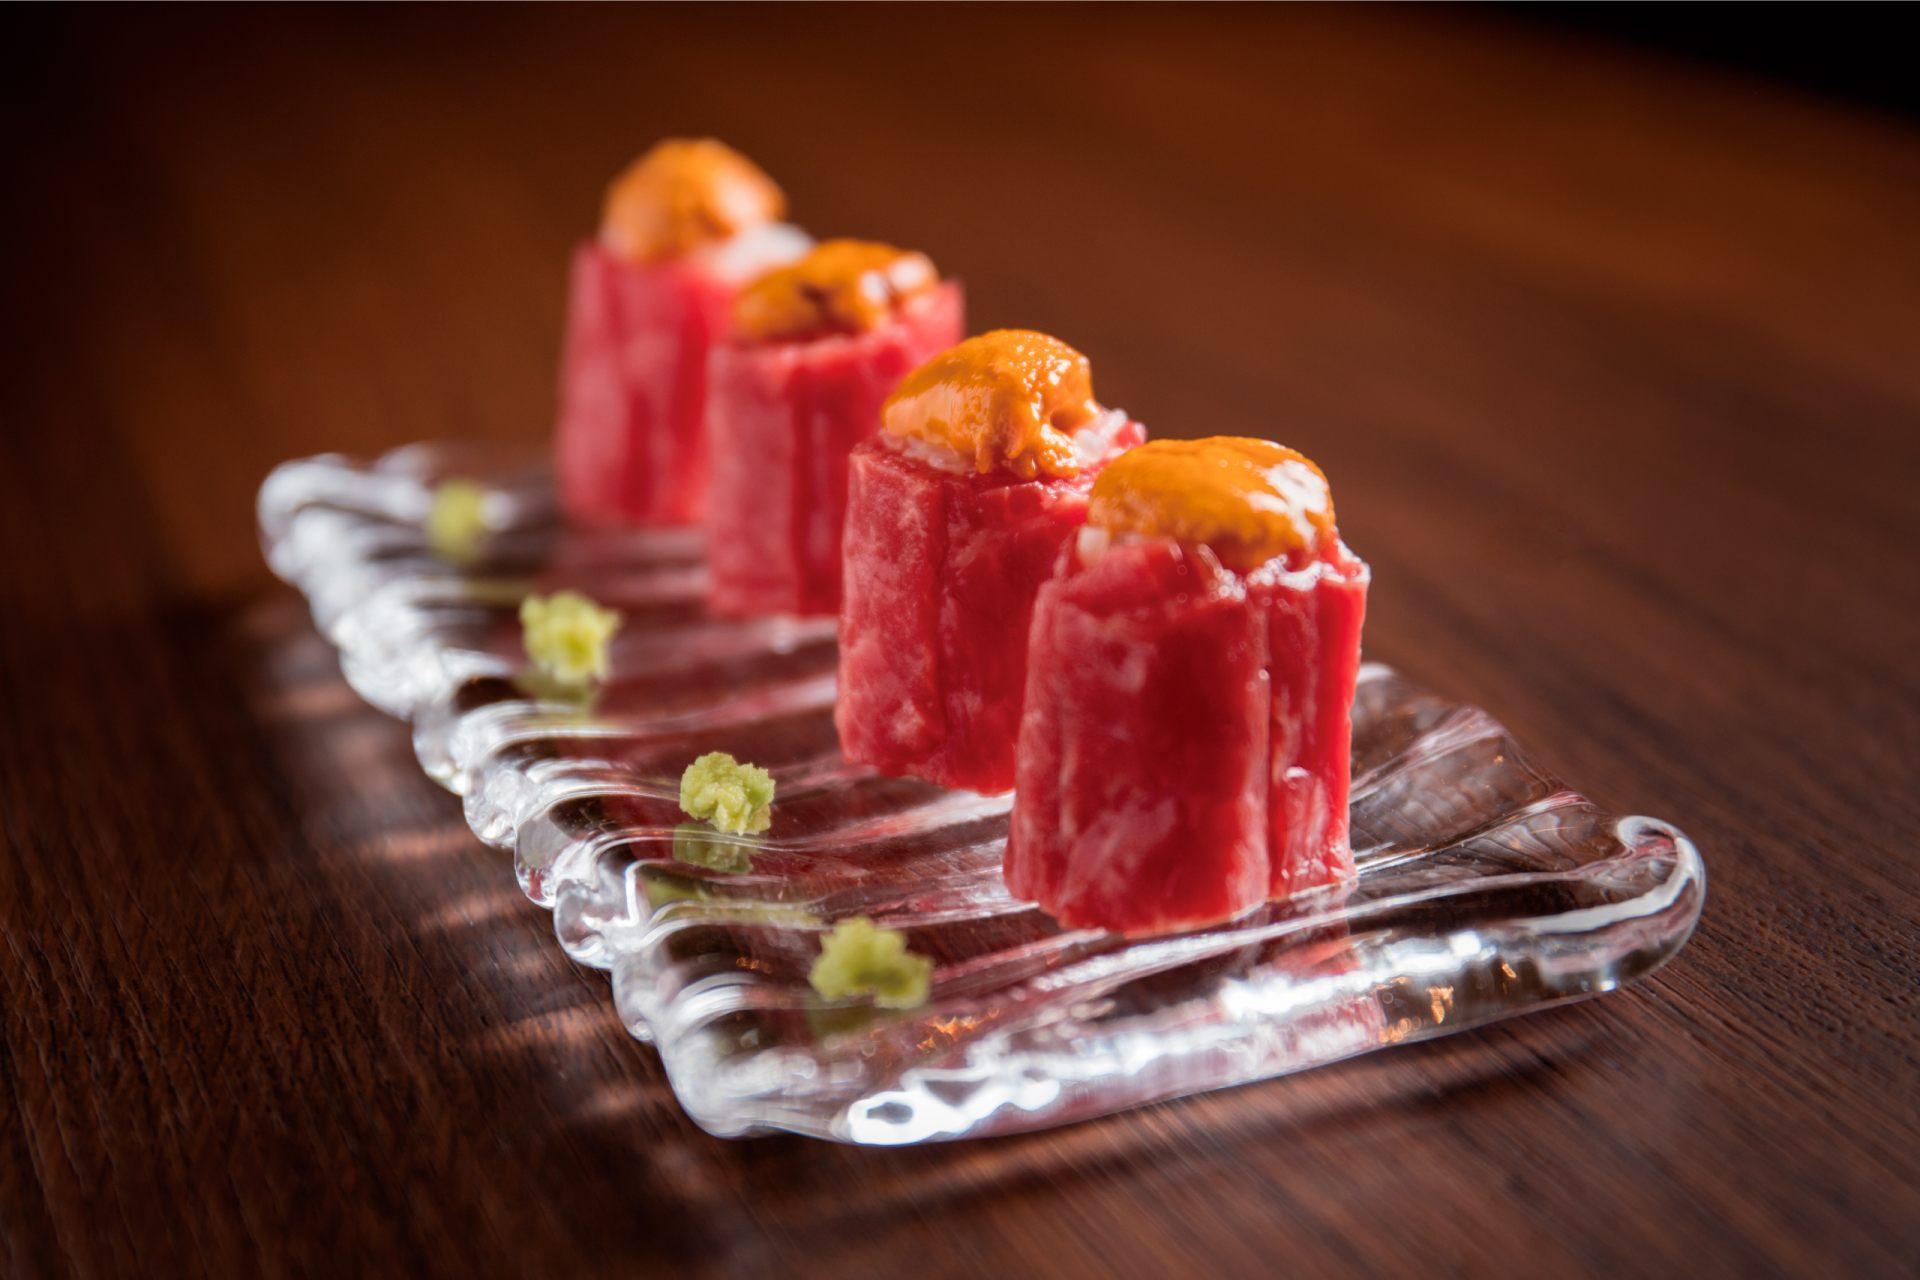 云丹和特选赤身肉的寿司卷(4贯/1500日圆)